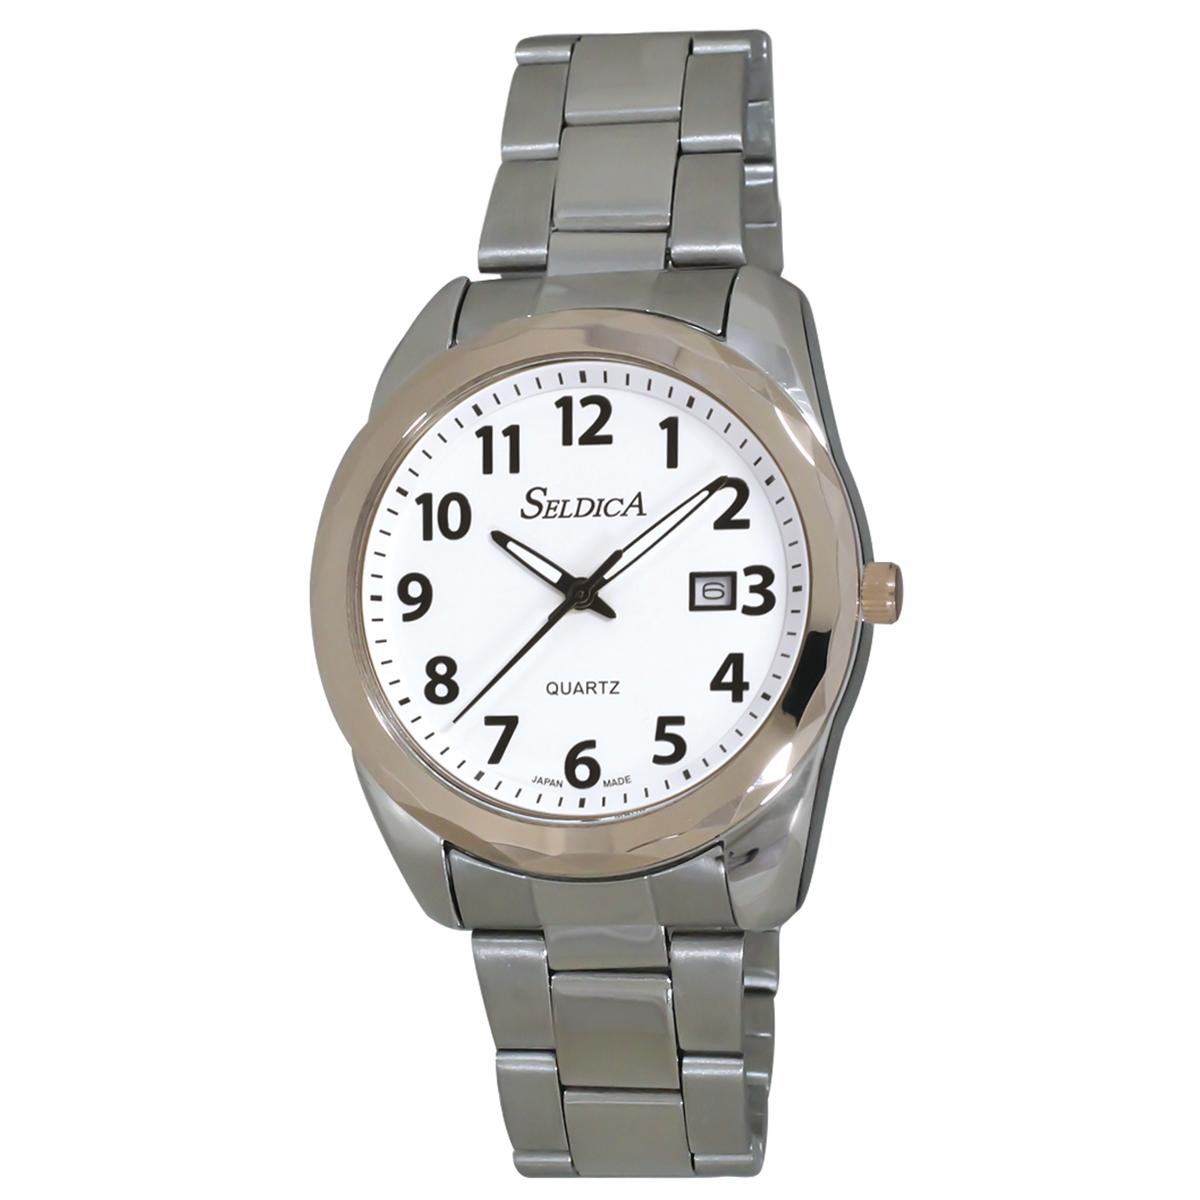 日本製腕時計 メンズステンレスベルト SELDICA アナログ【SD-AM048】